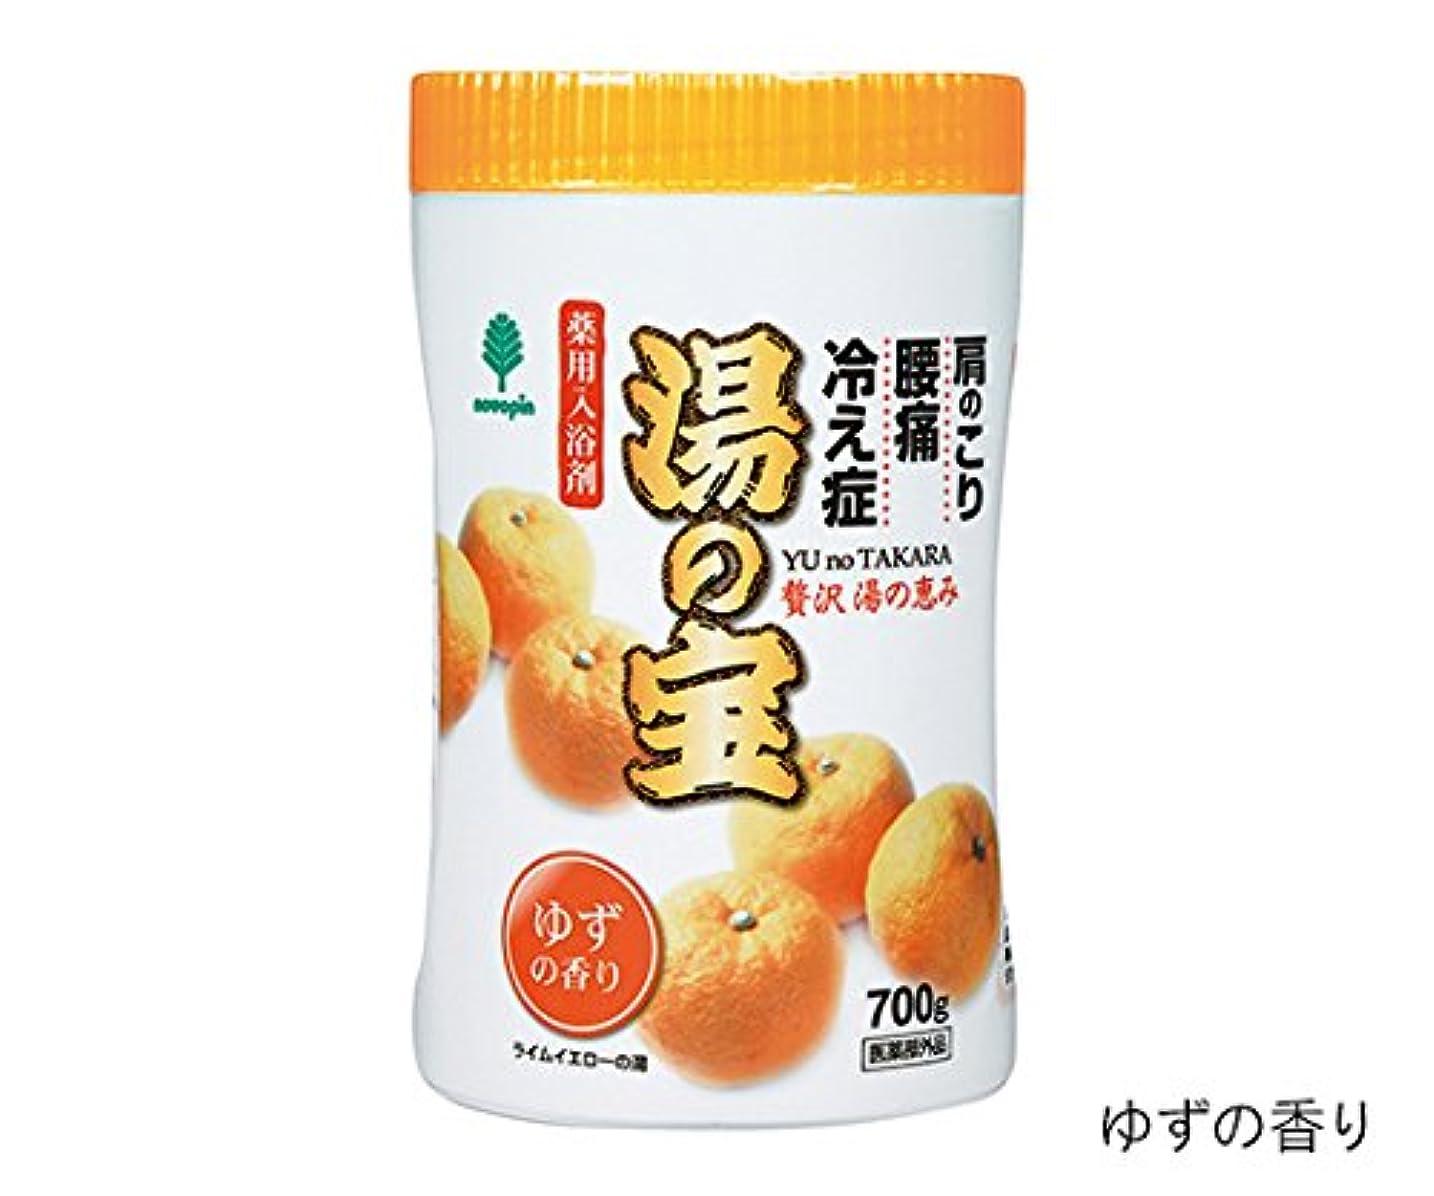 ハードによって容赦ない紀陽除虫菊7-2542-02入浴剤(湯の宝)森林の香り700g